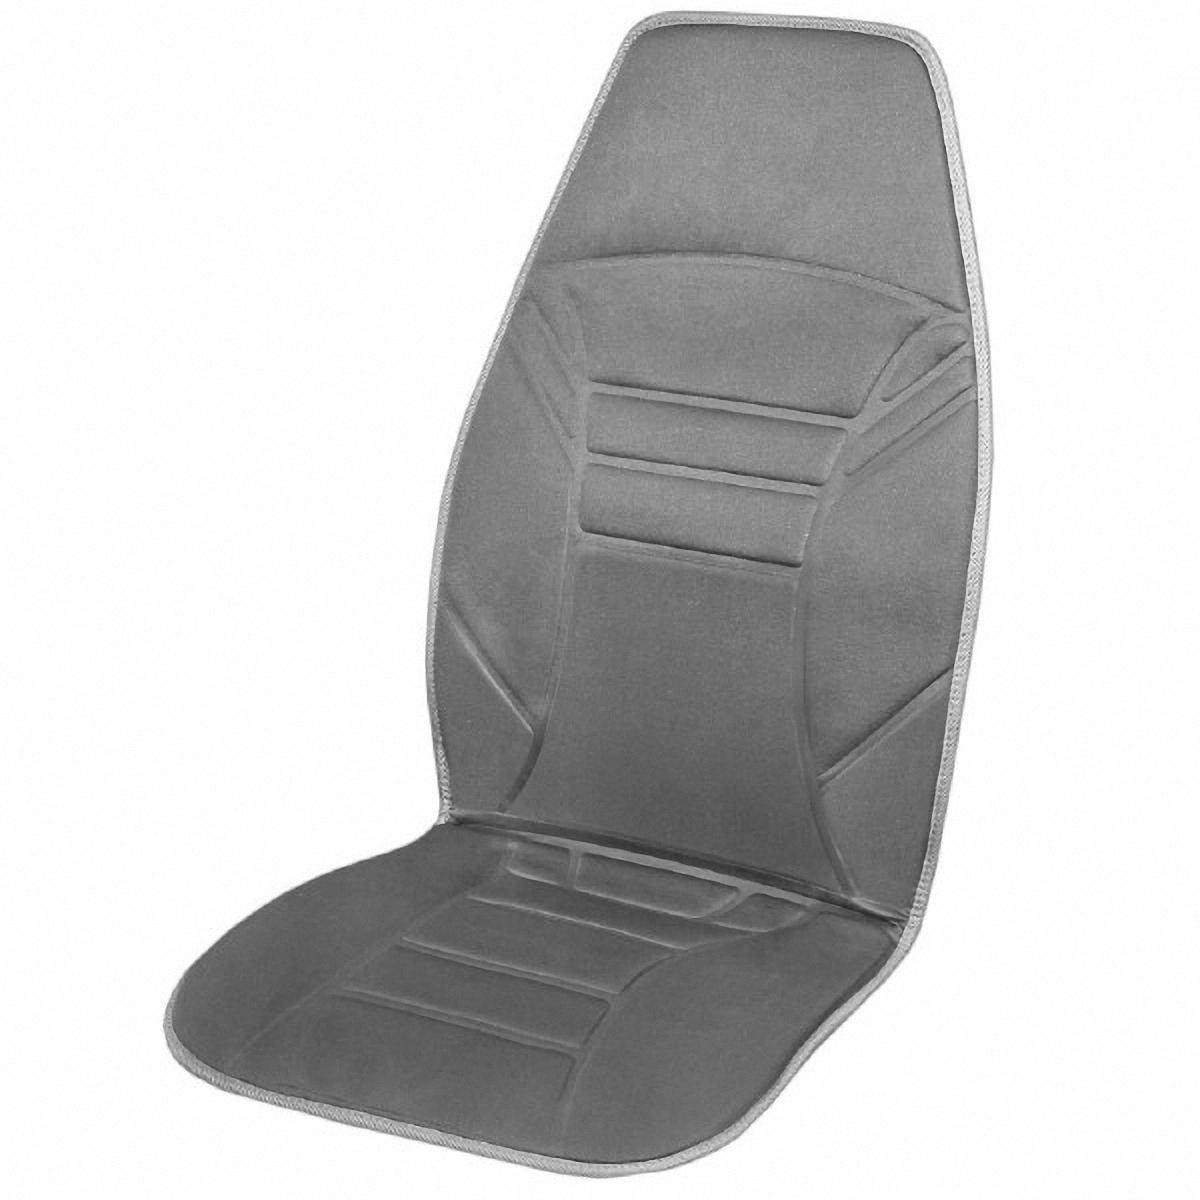 Подогрев для сиденья Skyway 12V, со спинкой, с терморегулятором, 2 режима, 2,5А-3А, цвет: серый, 118 х 53 смS02201021